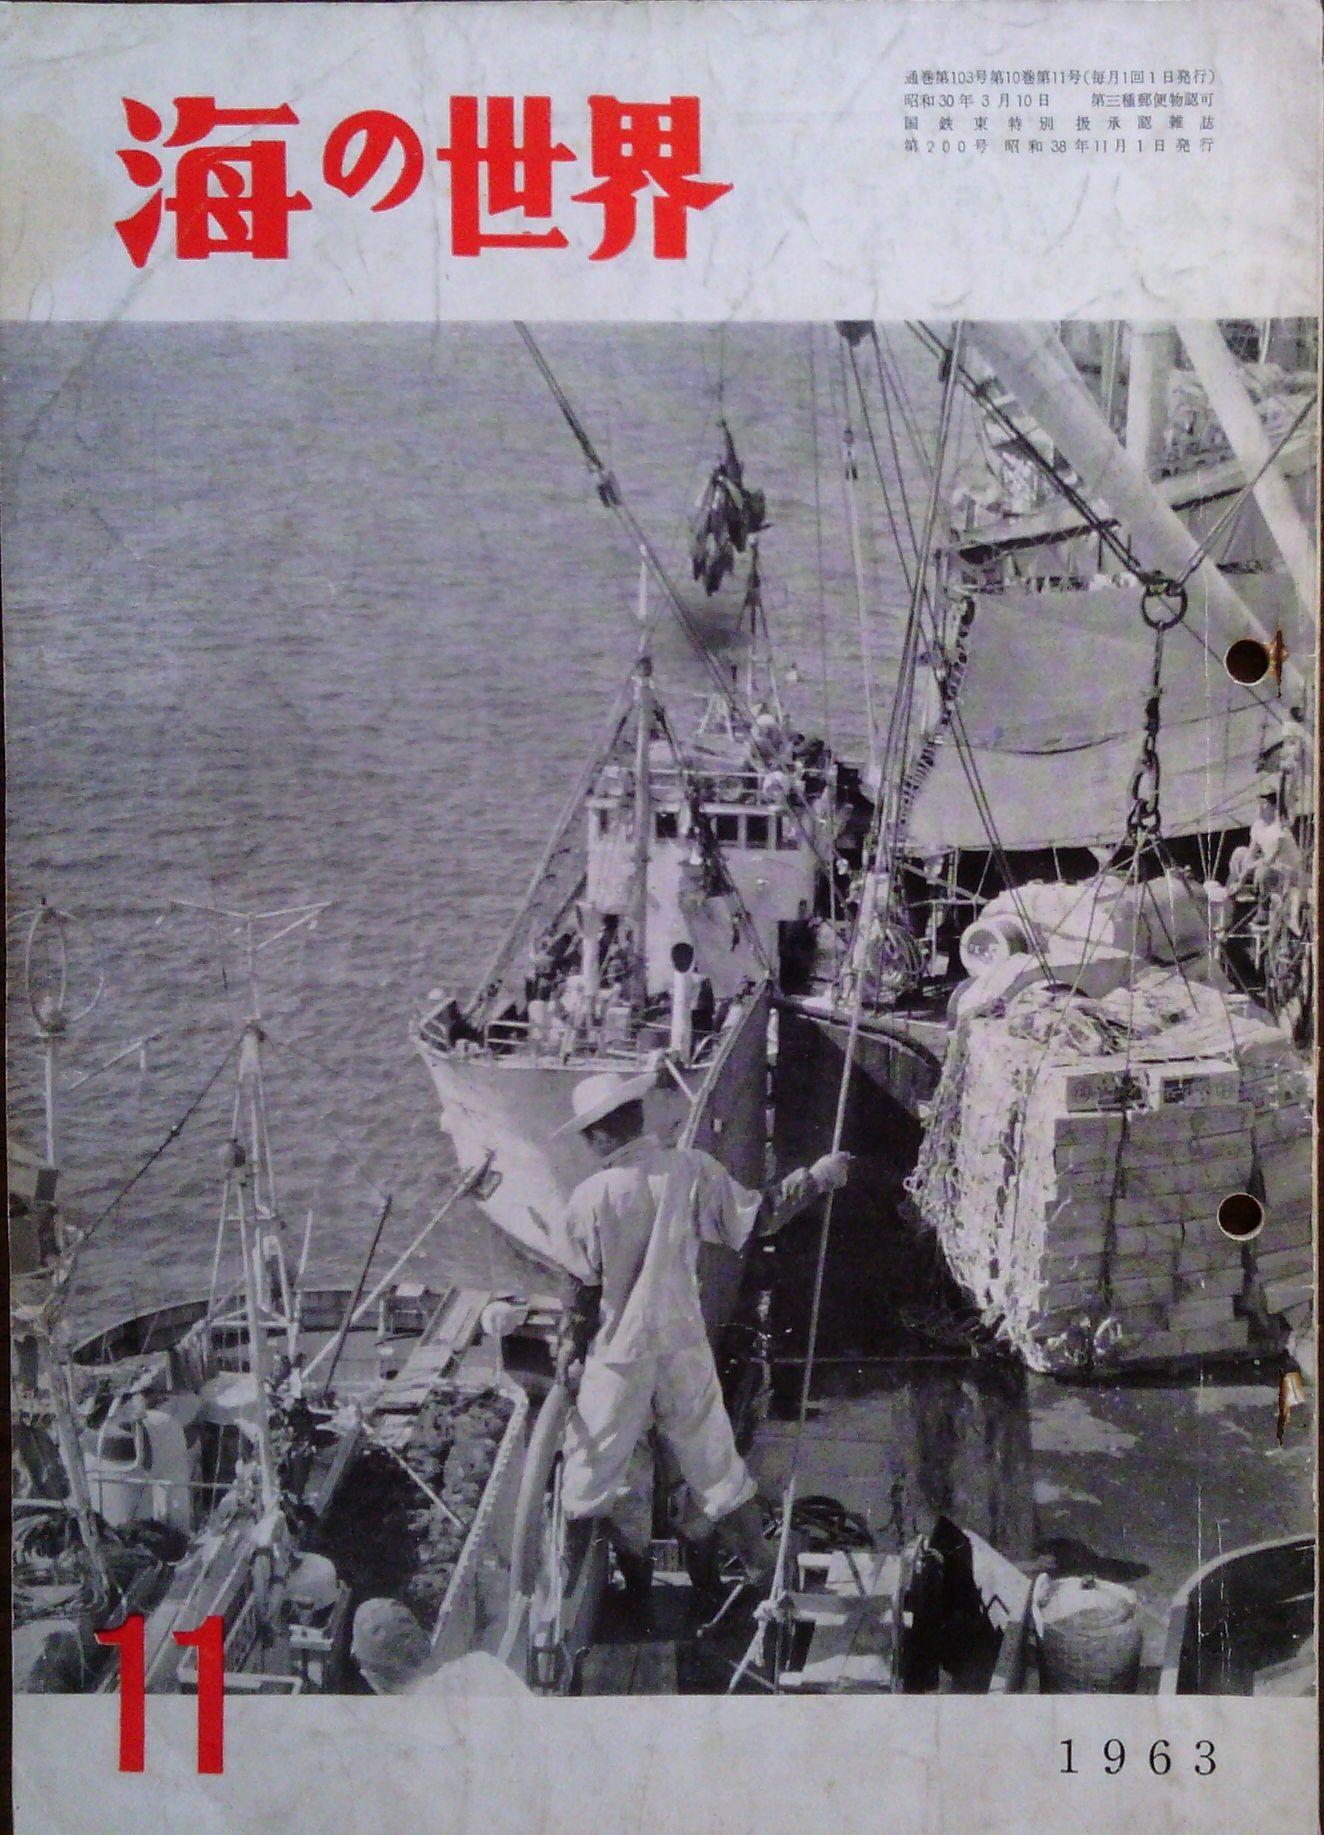 0325 ダイビングの歴史57 海の世界 1968-02_b0075059_14194954.jpg